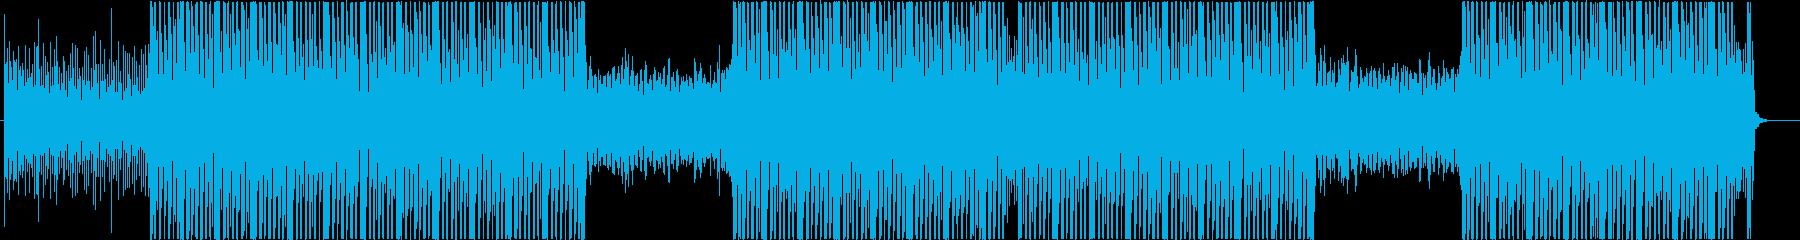 幻想的なシンセウェーブポップ♬の再生済みの波形